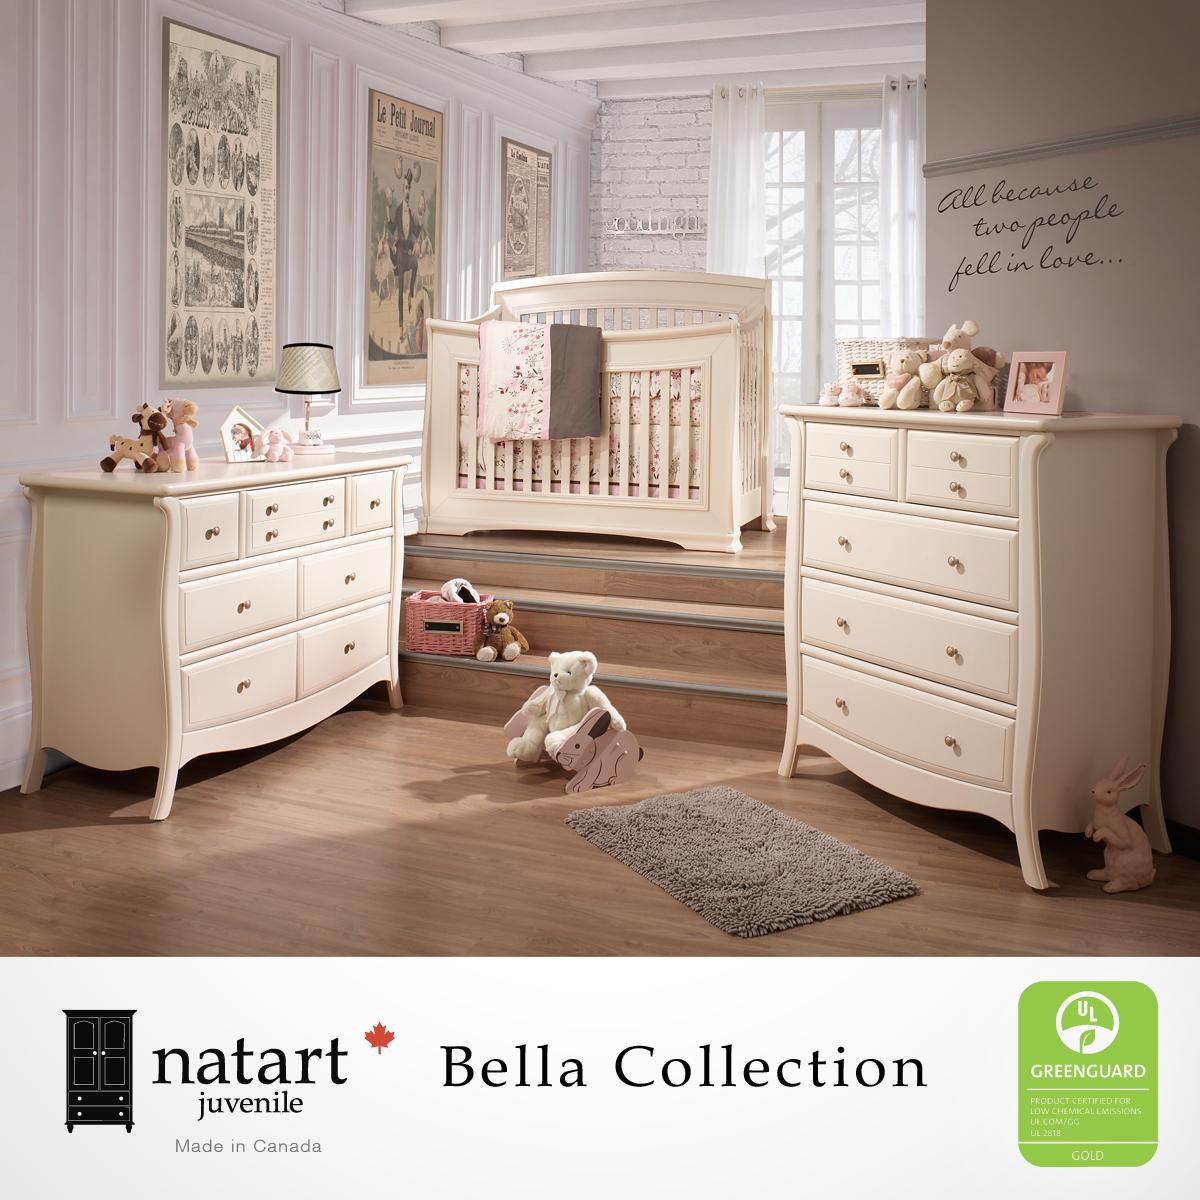 elegant baby furniture. Baby And Kids Low-VOCs Furniture. GREENGUARD GOLD Certified Elegant Furniture N